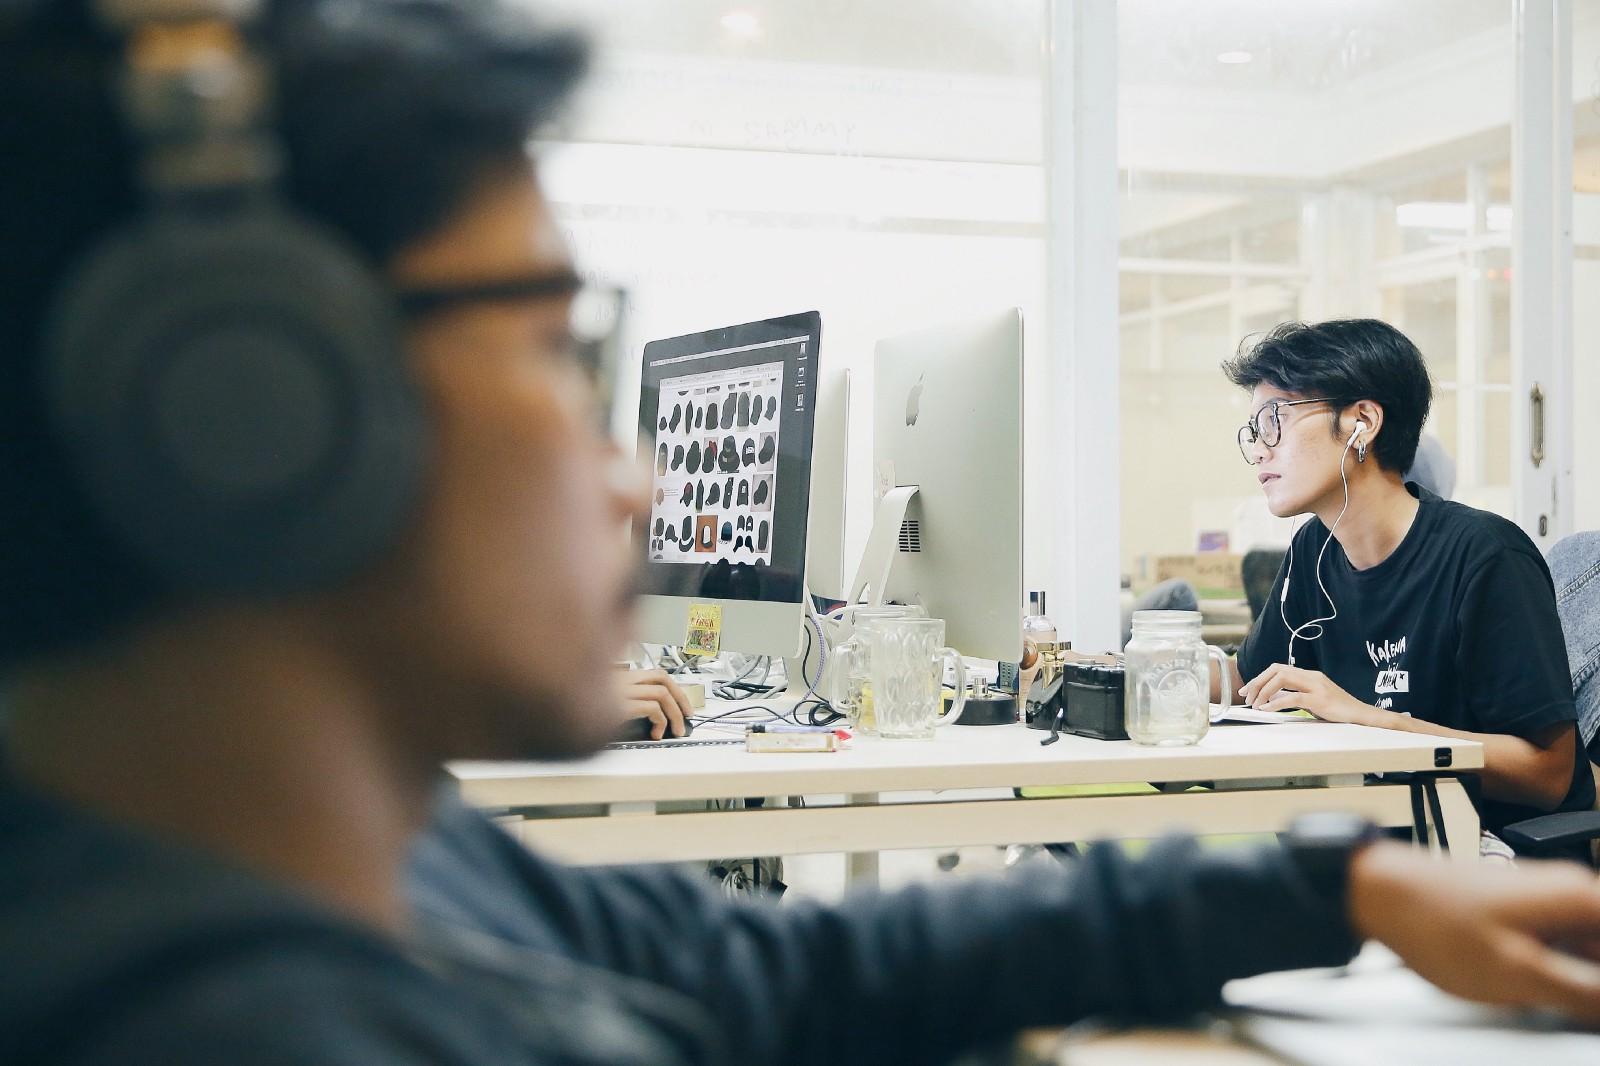 Kiểu đeo tai nghe cực hại mà dân văn phòng thường mắc phải - Ảnh 1.